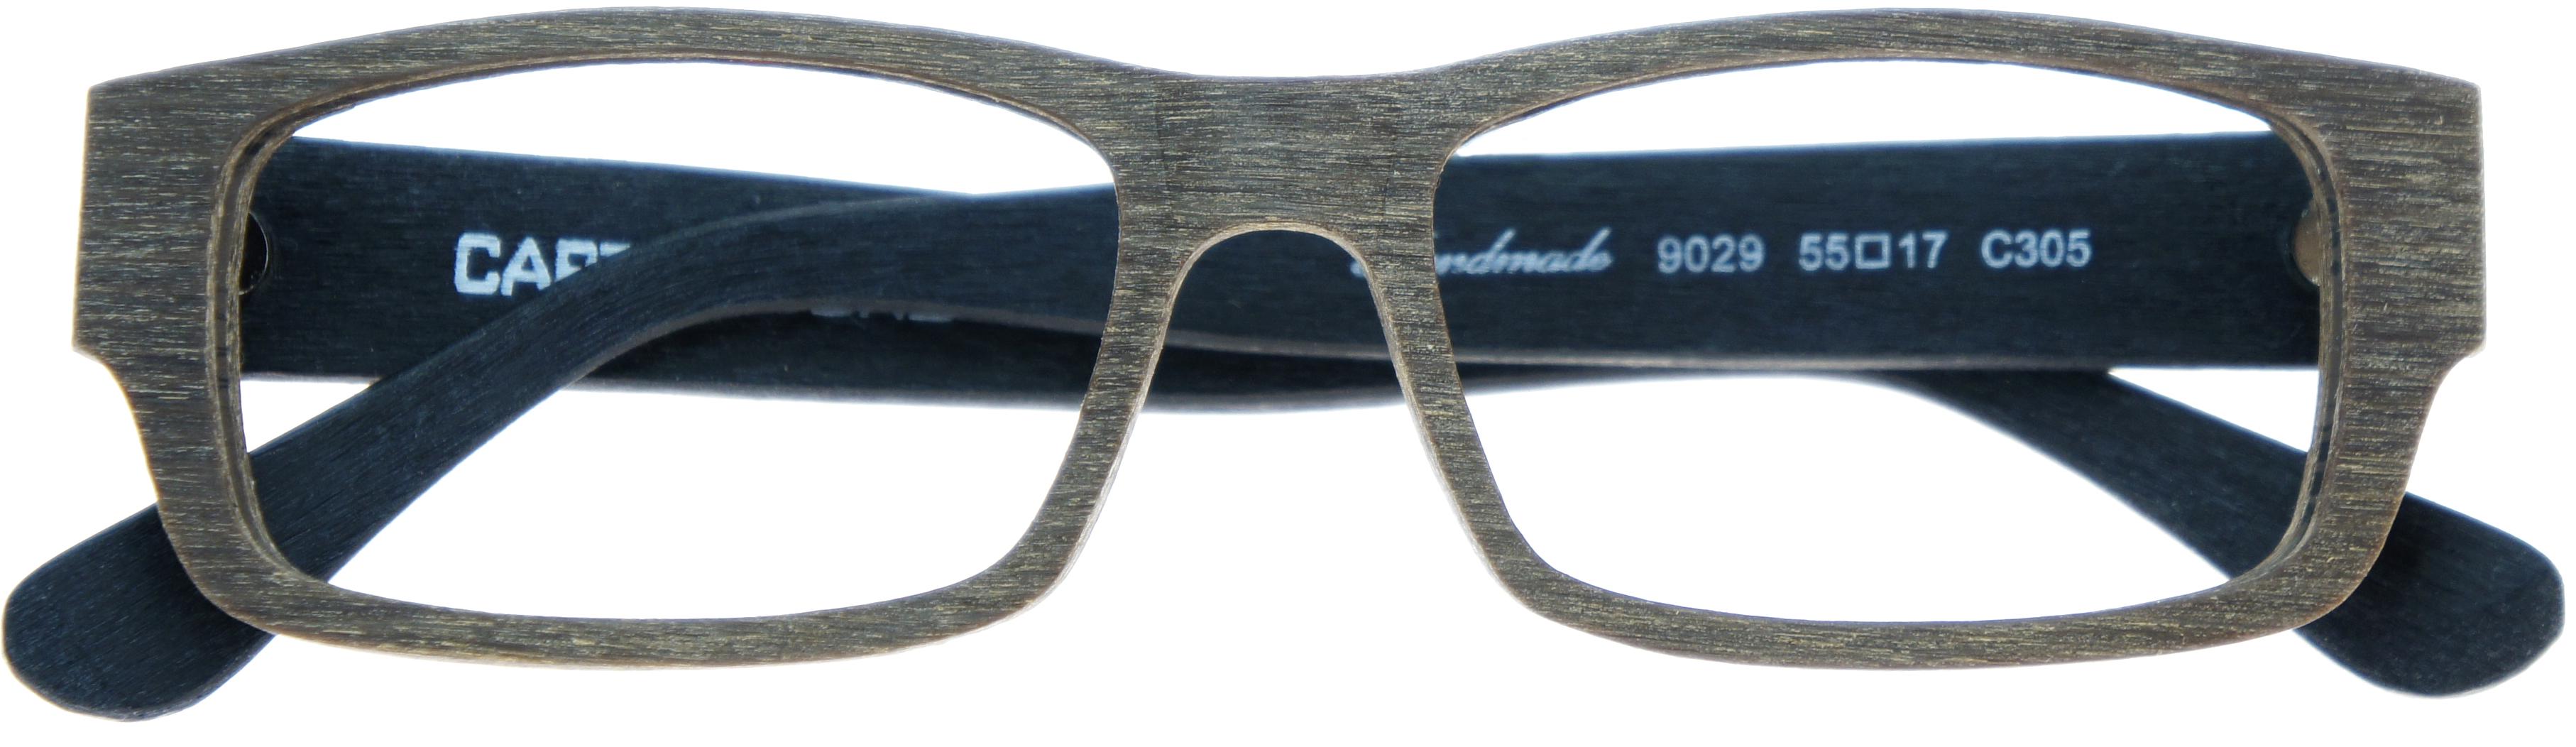 Carter Bond Glasses - Carter Bond Frames | Barnard Levit